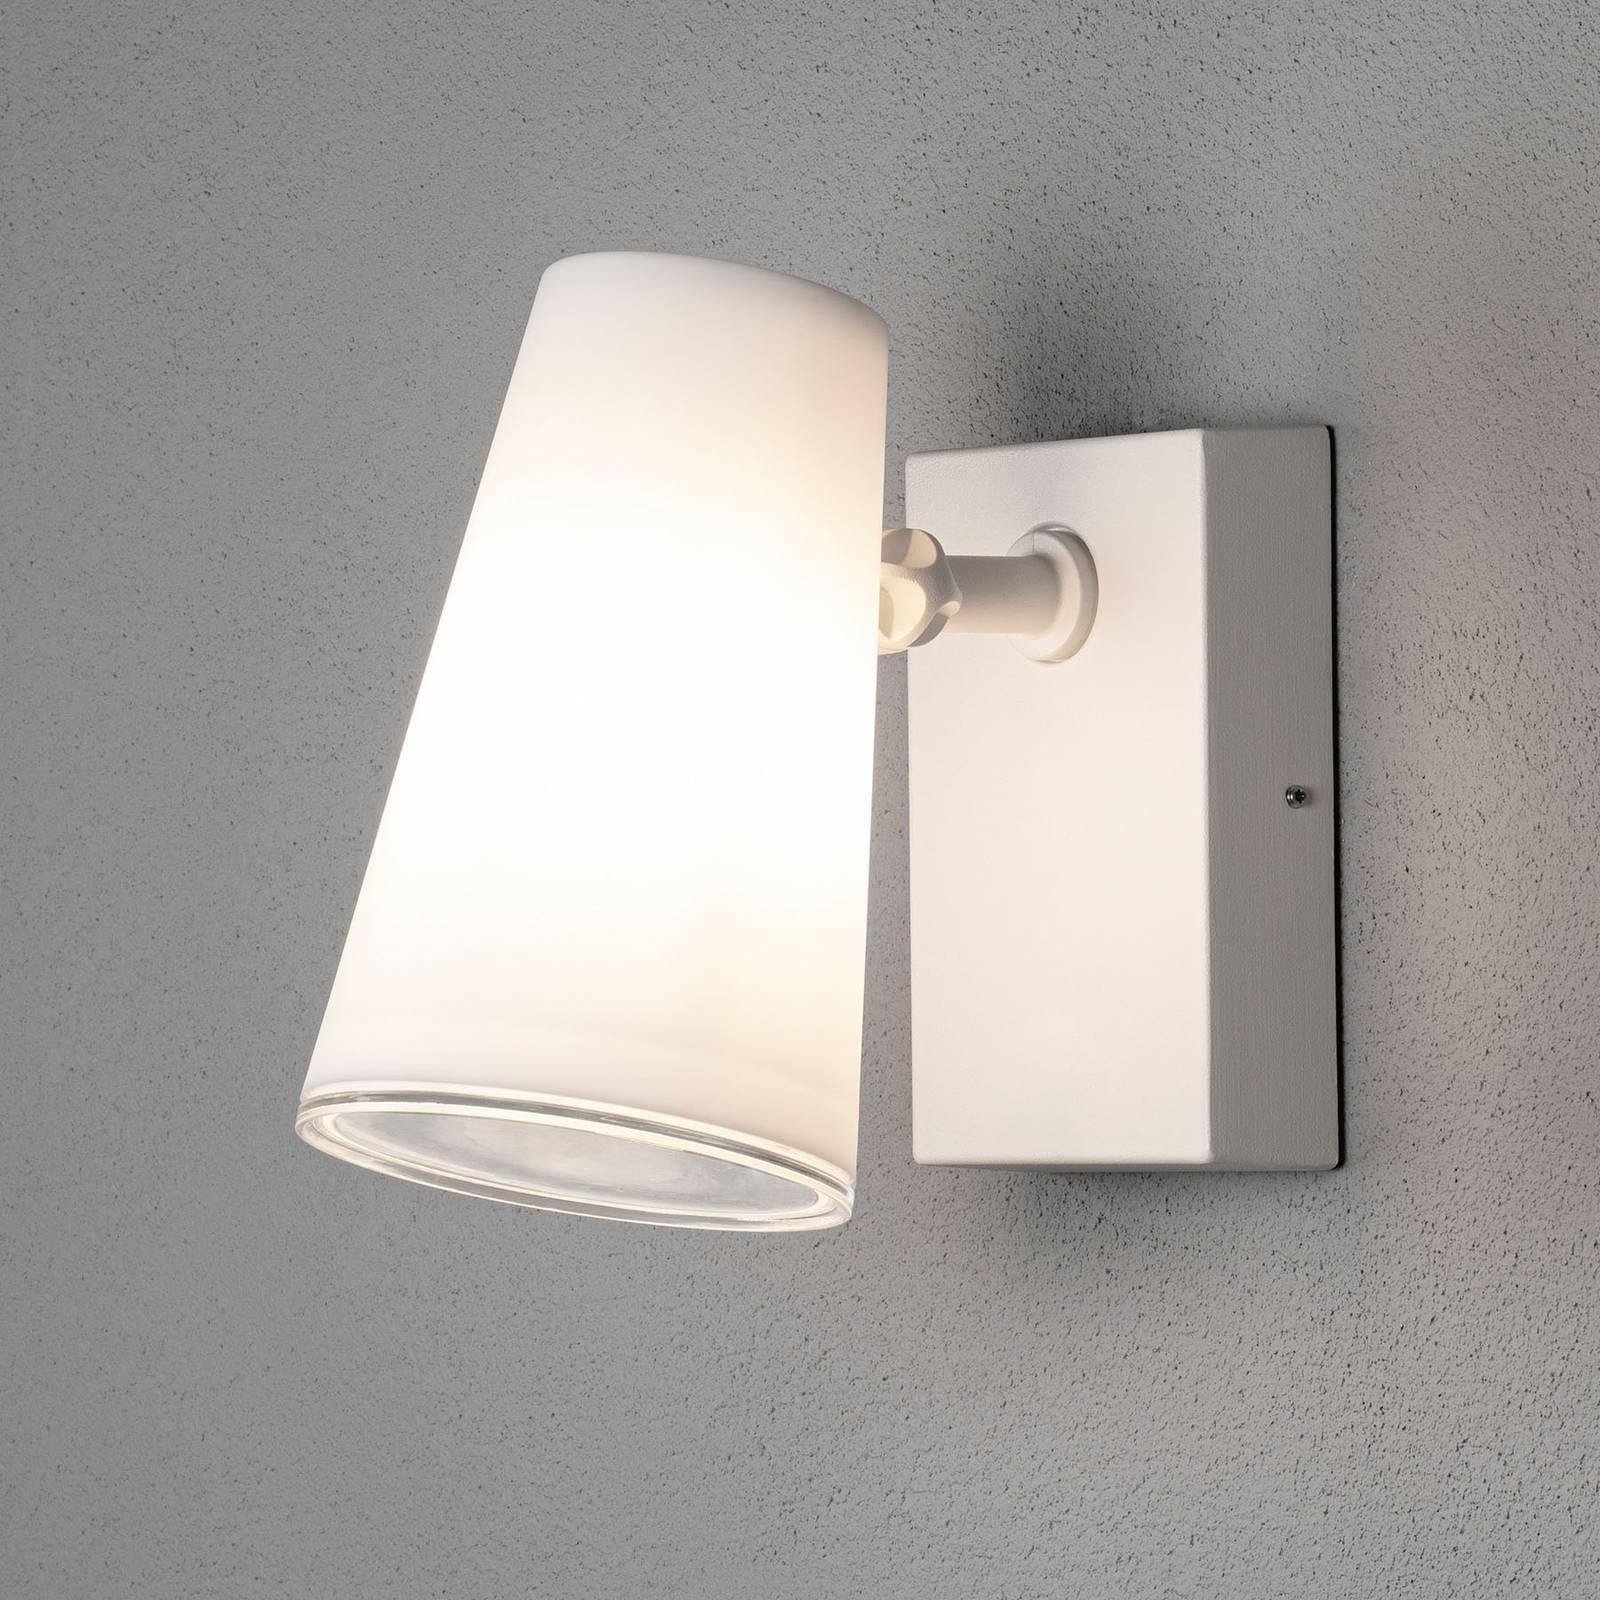 LED-buitenwandspot Fano, instelbaar